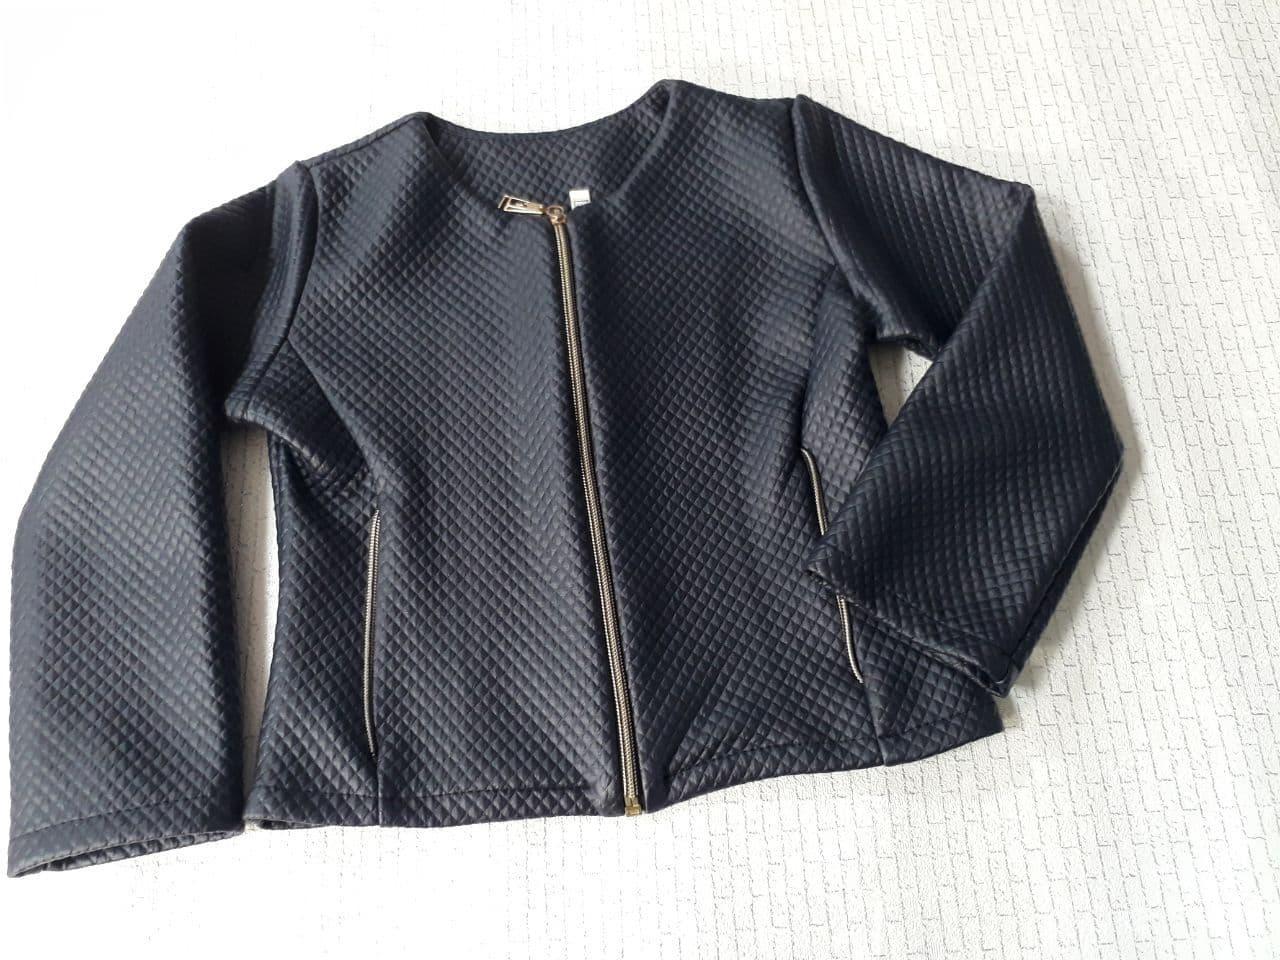 Піджак на змійці для дівчинки 116 см, чорний